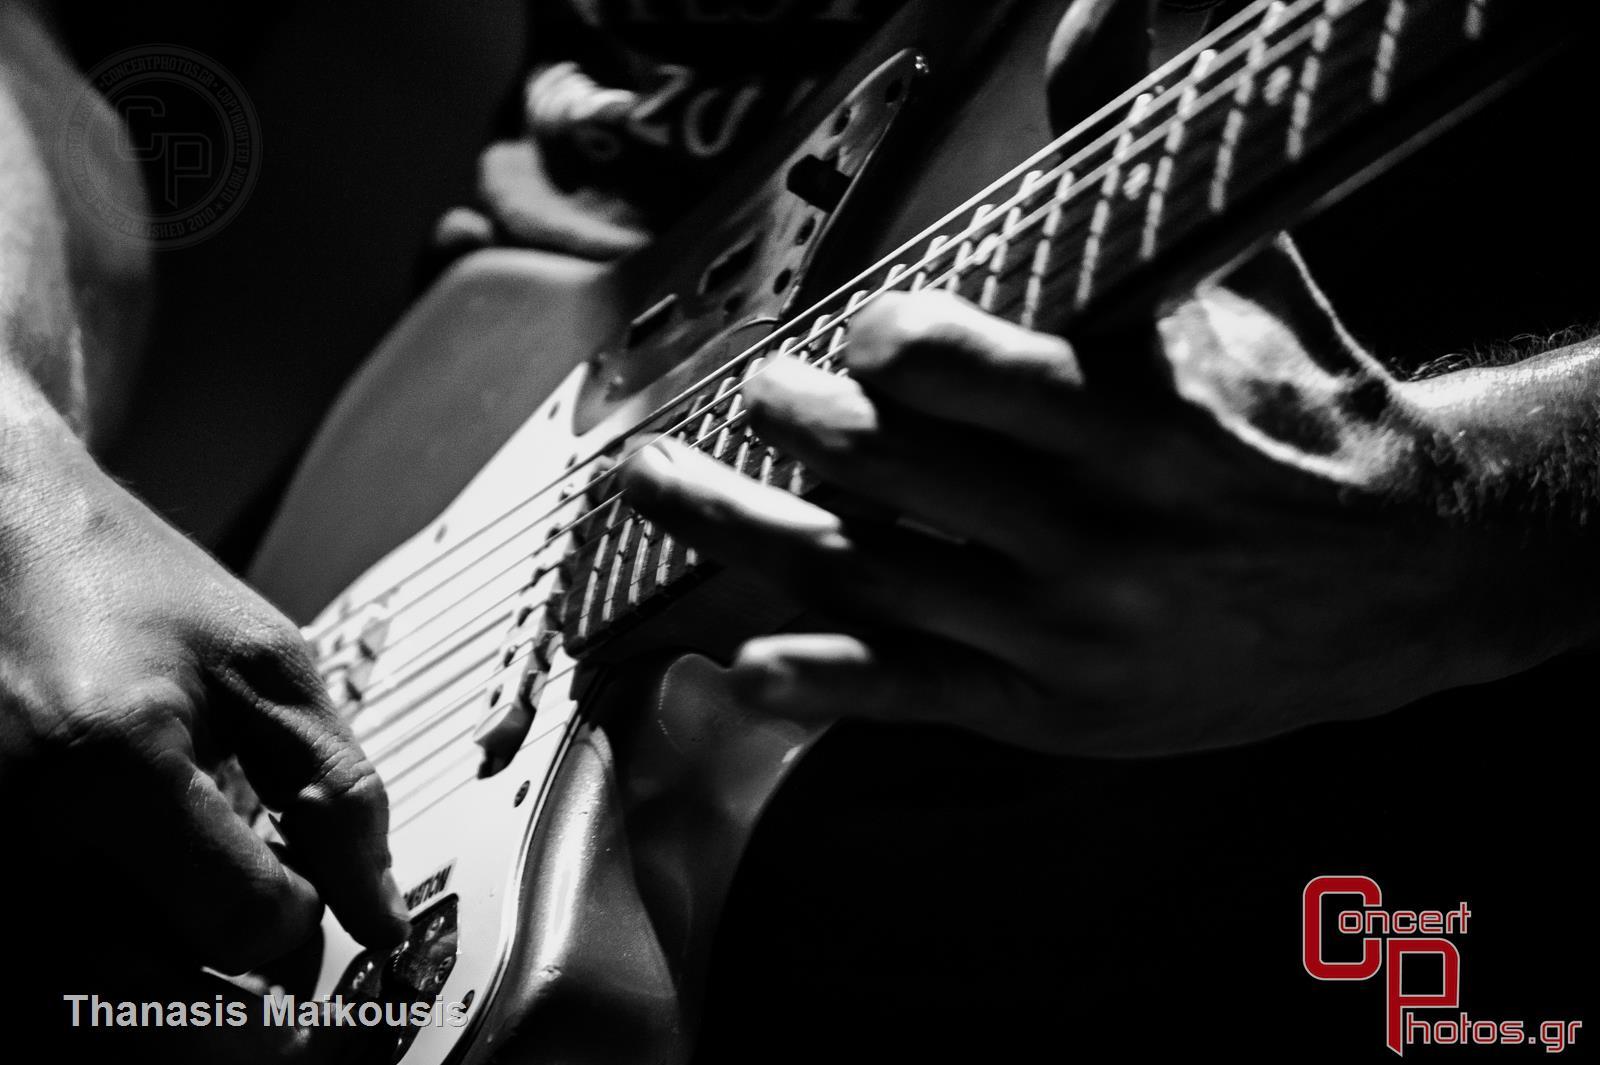 Παύλος Παυλίδης-Pavlidis-stage-volume1 photographer: Thanasis Maikousis - concertphotos_20140611_22_12_34